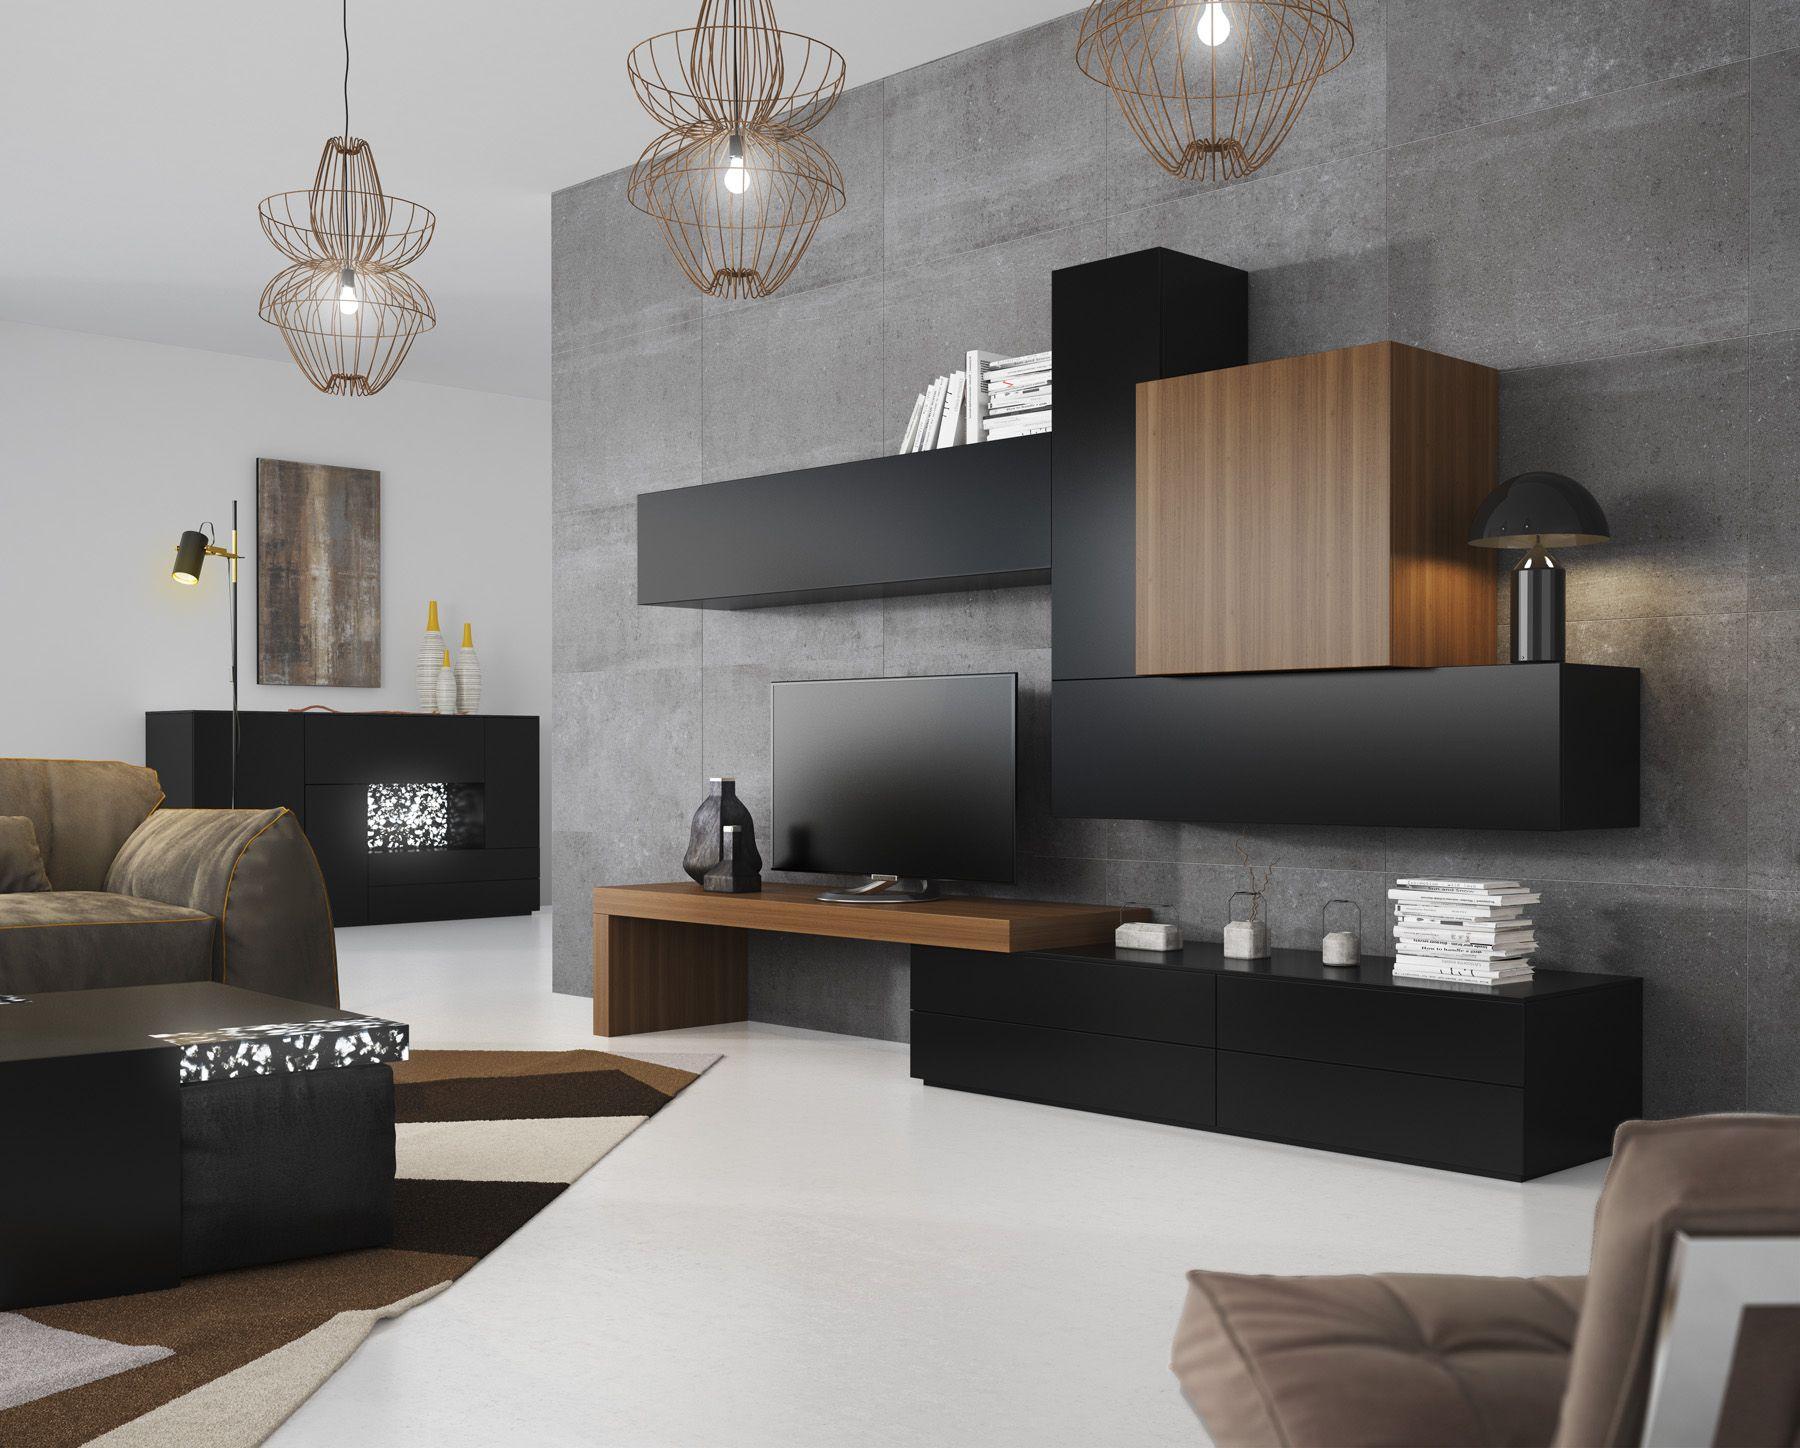 Colecci n ortus evolution comedores modernos muebles for Comedores modernos economicos